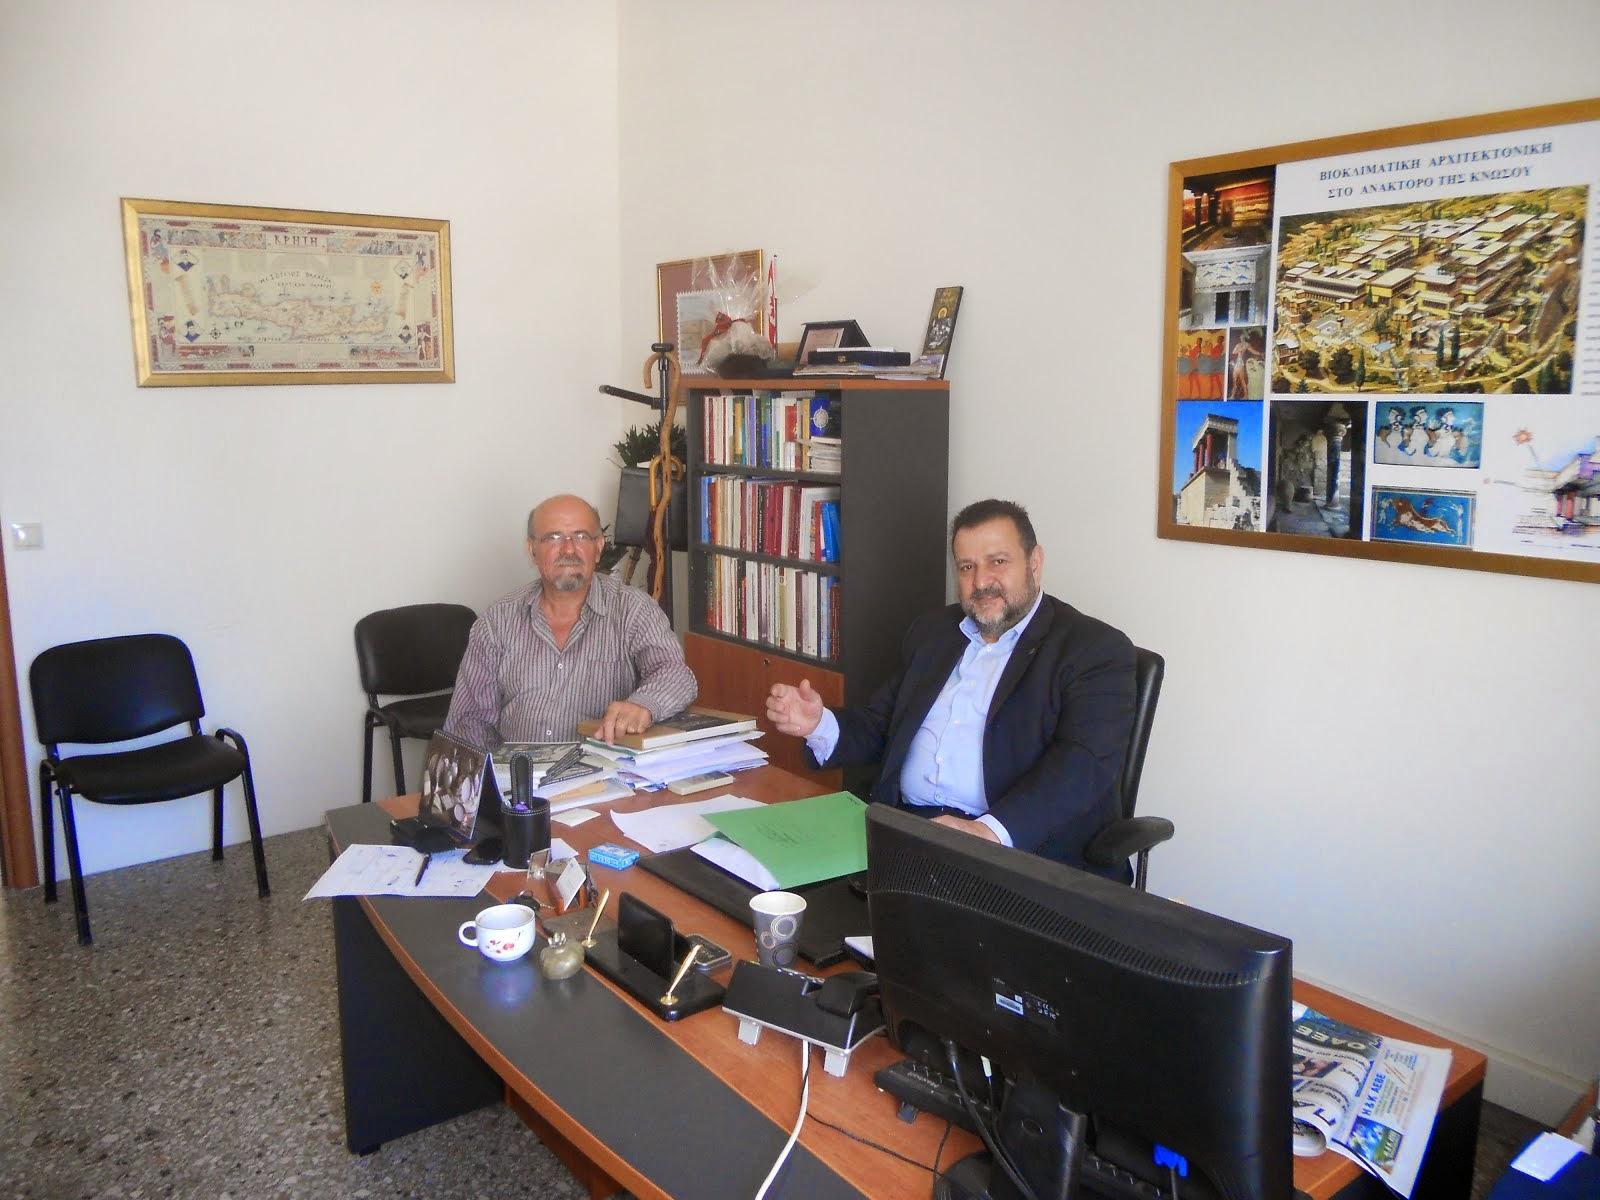 Συνάντηση με υπουργό εργασίας για θέματα που αφορούν τους τριτέκνους